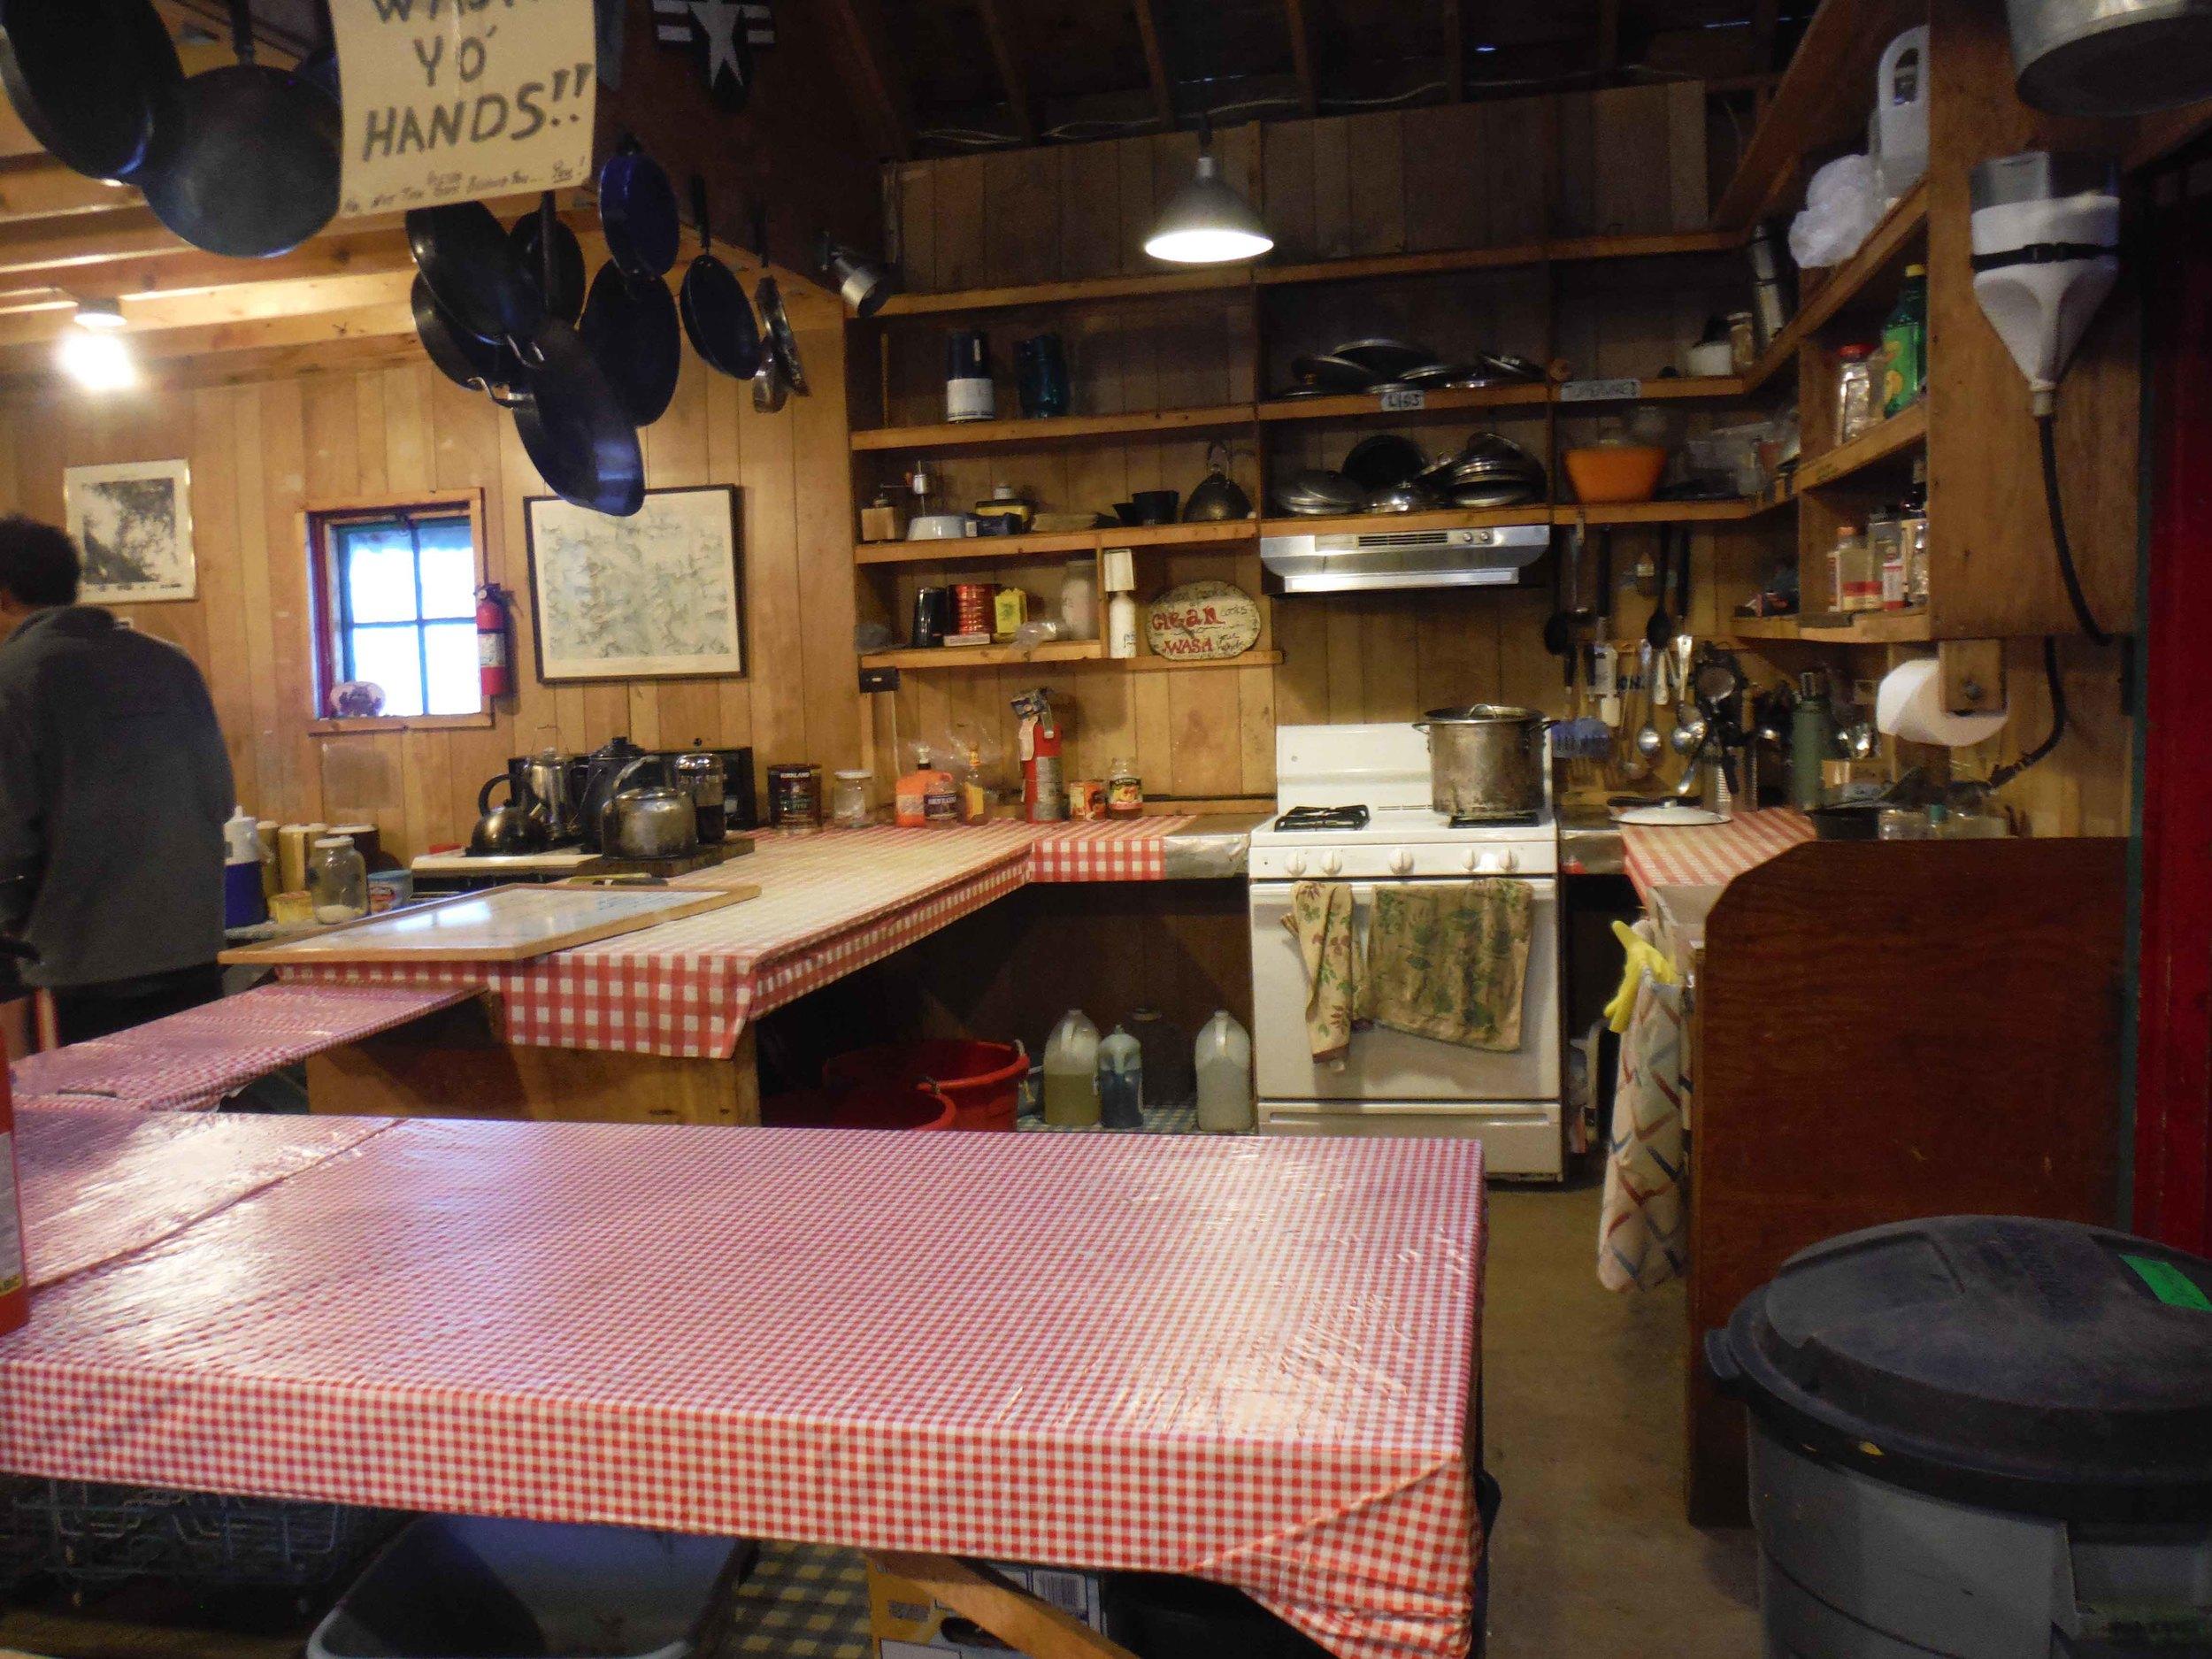 The kitchen is clean again . . . sigh . . . Photo by Sarah Bouckoms